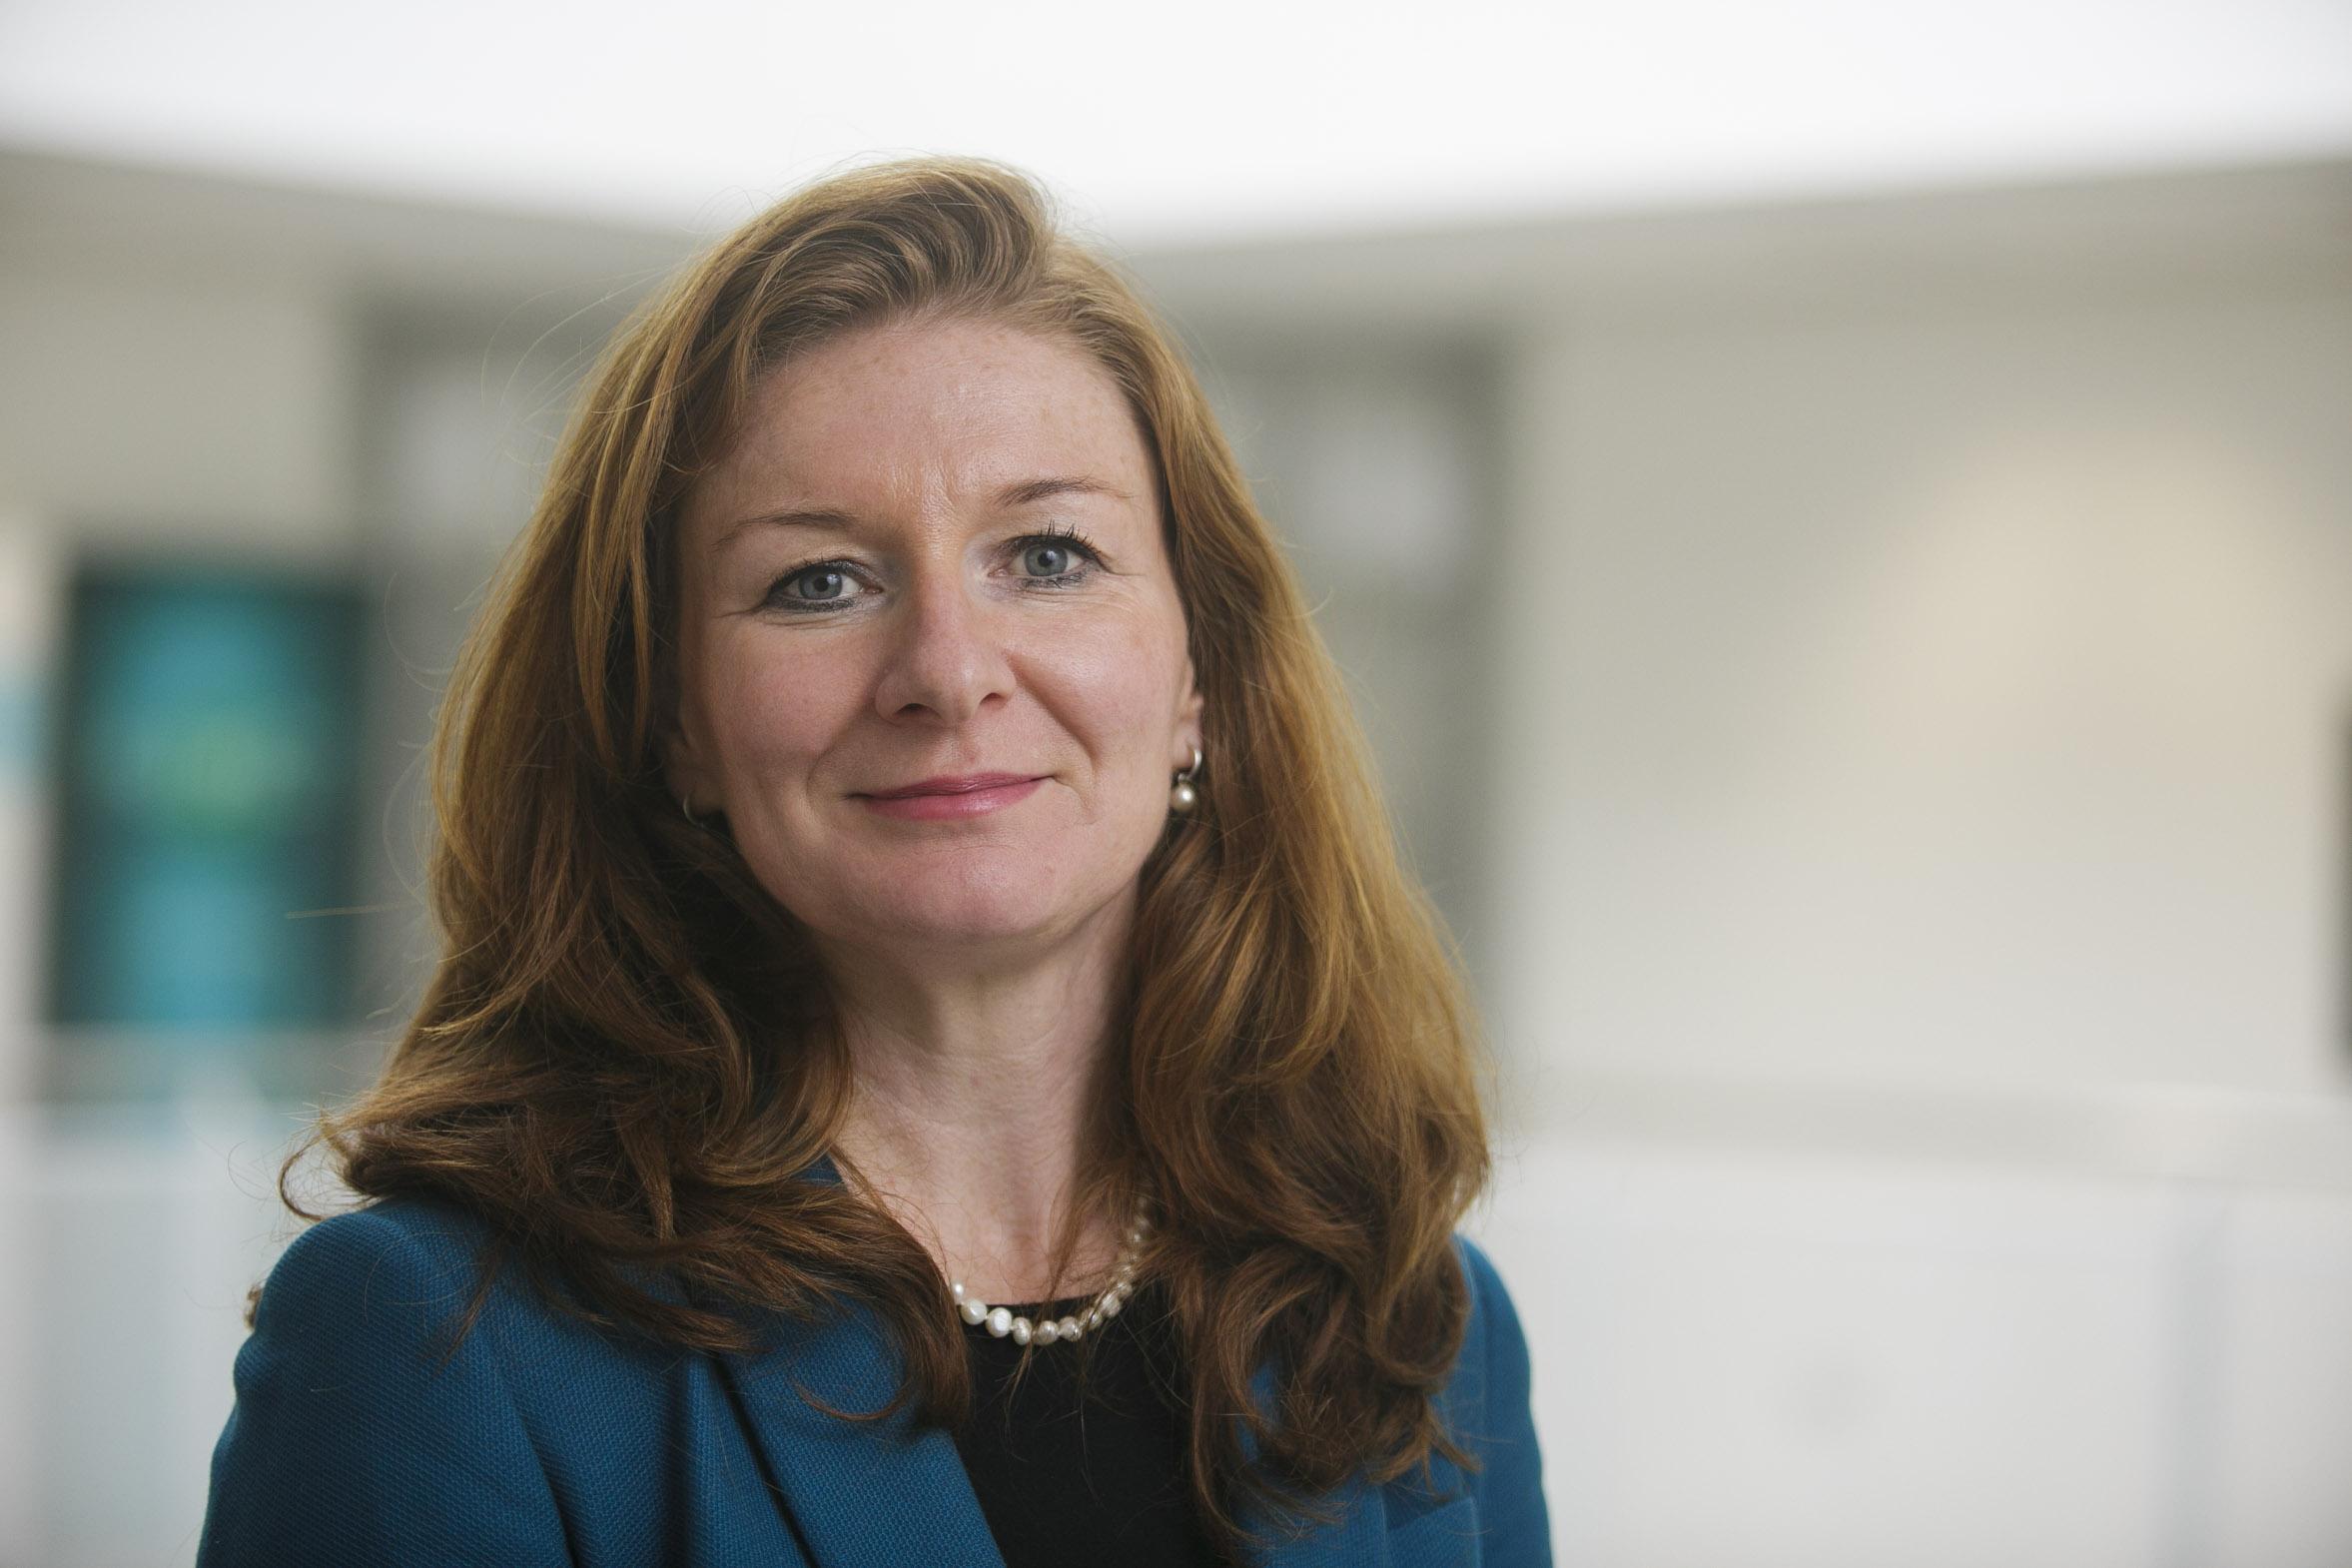 Celine McInerney